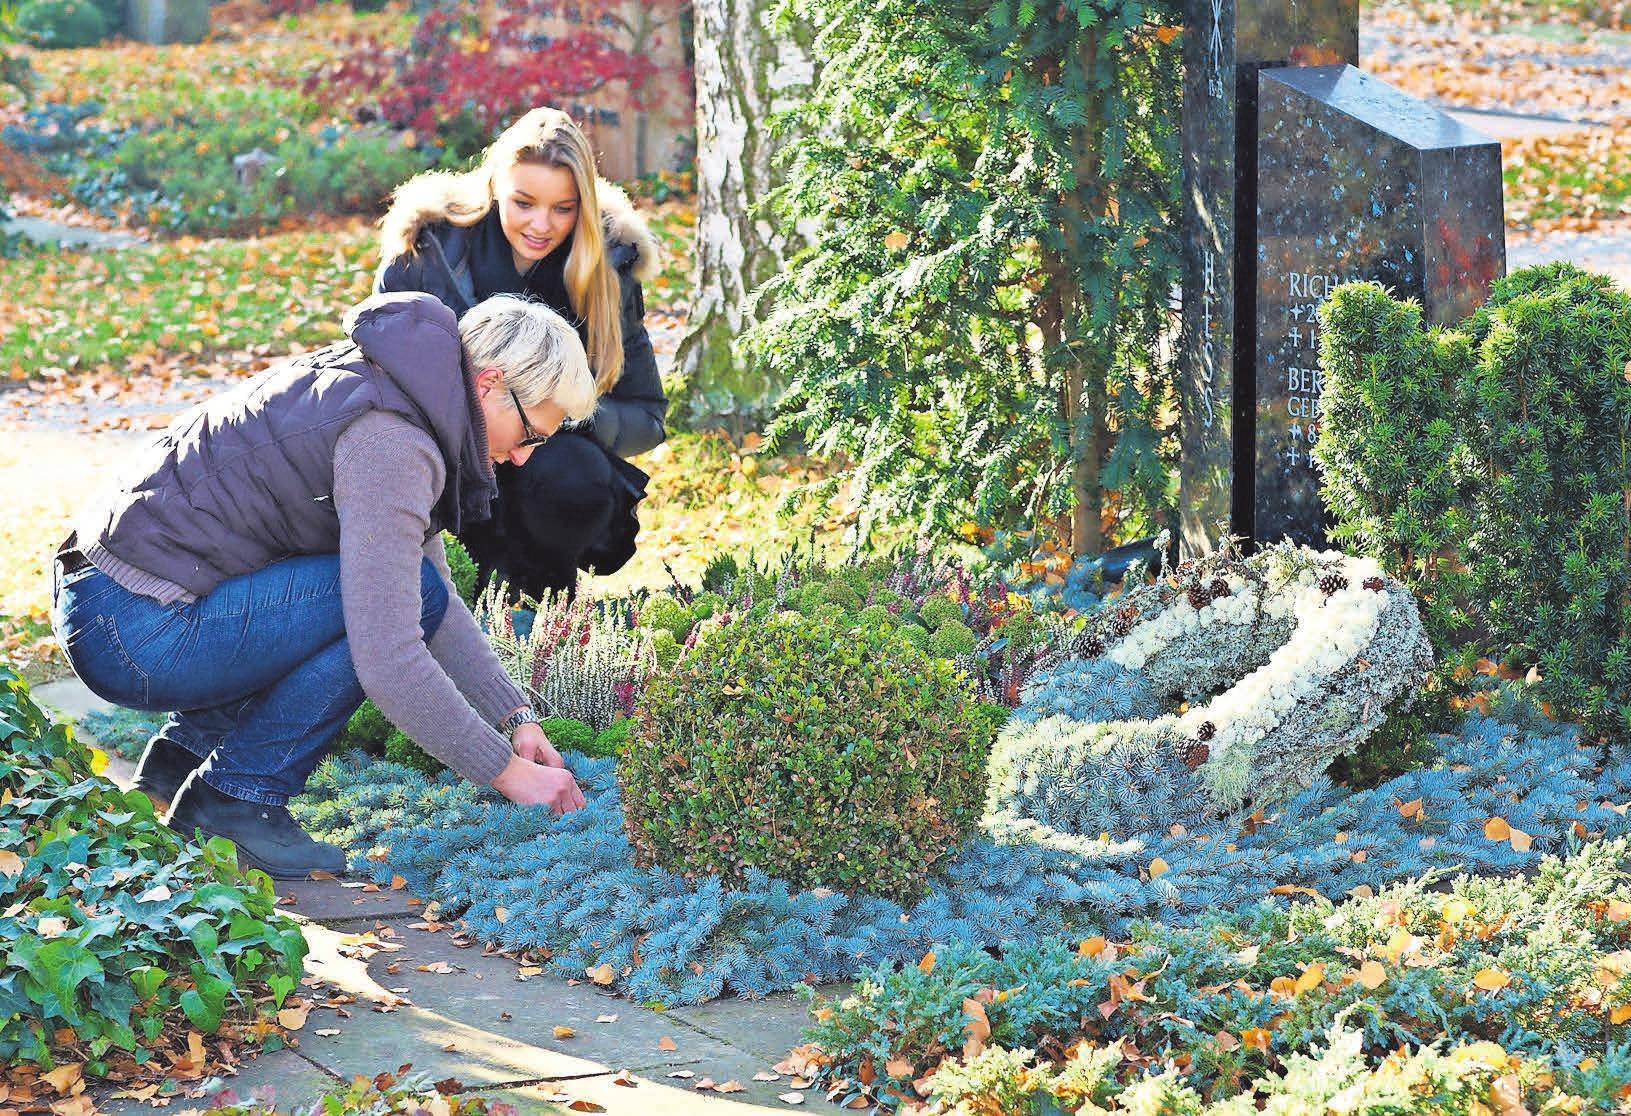 Friedhof im Herbst: Der Kranz ist ein Symbol für das ewige Leben und die Unendlichkeit. FOTO: BDF